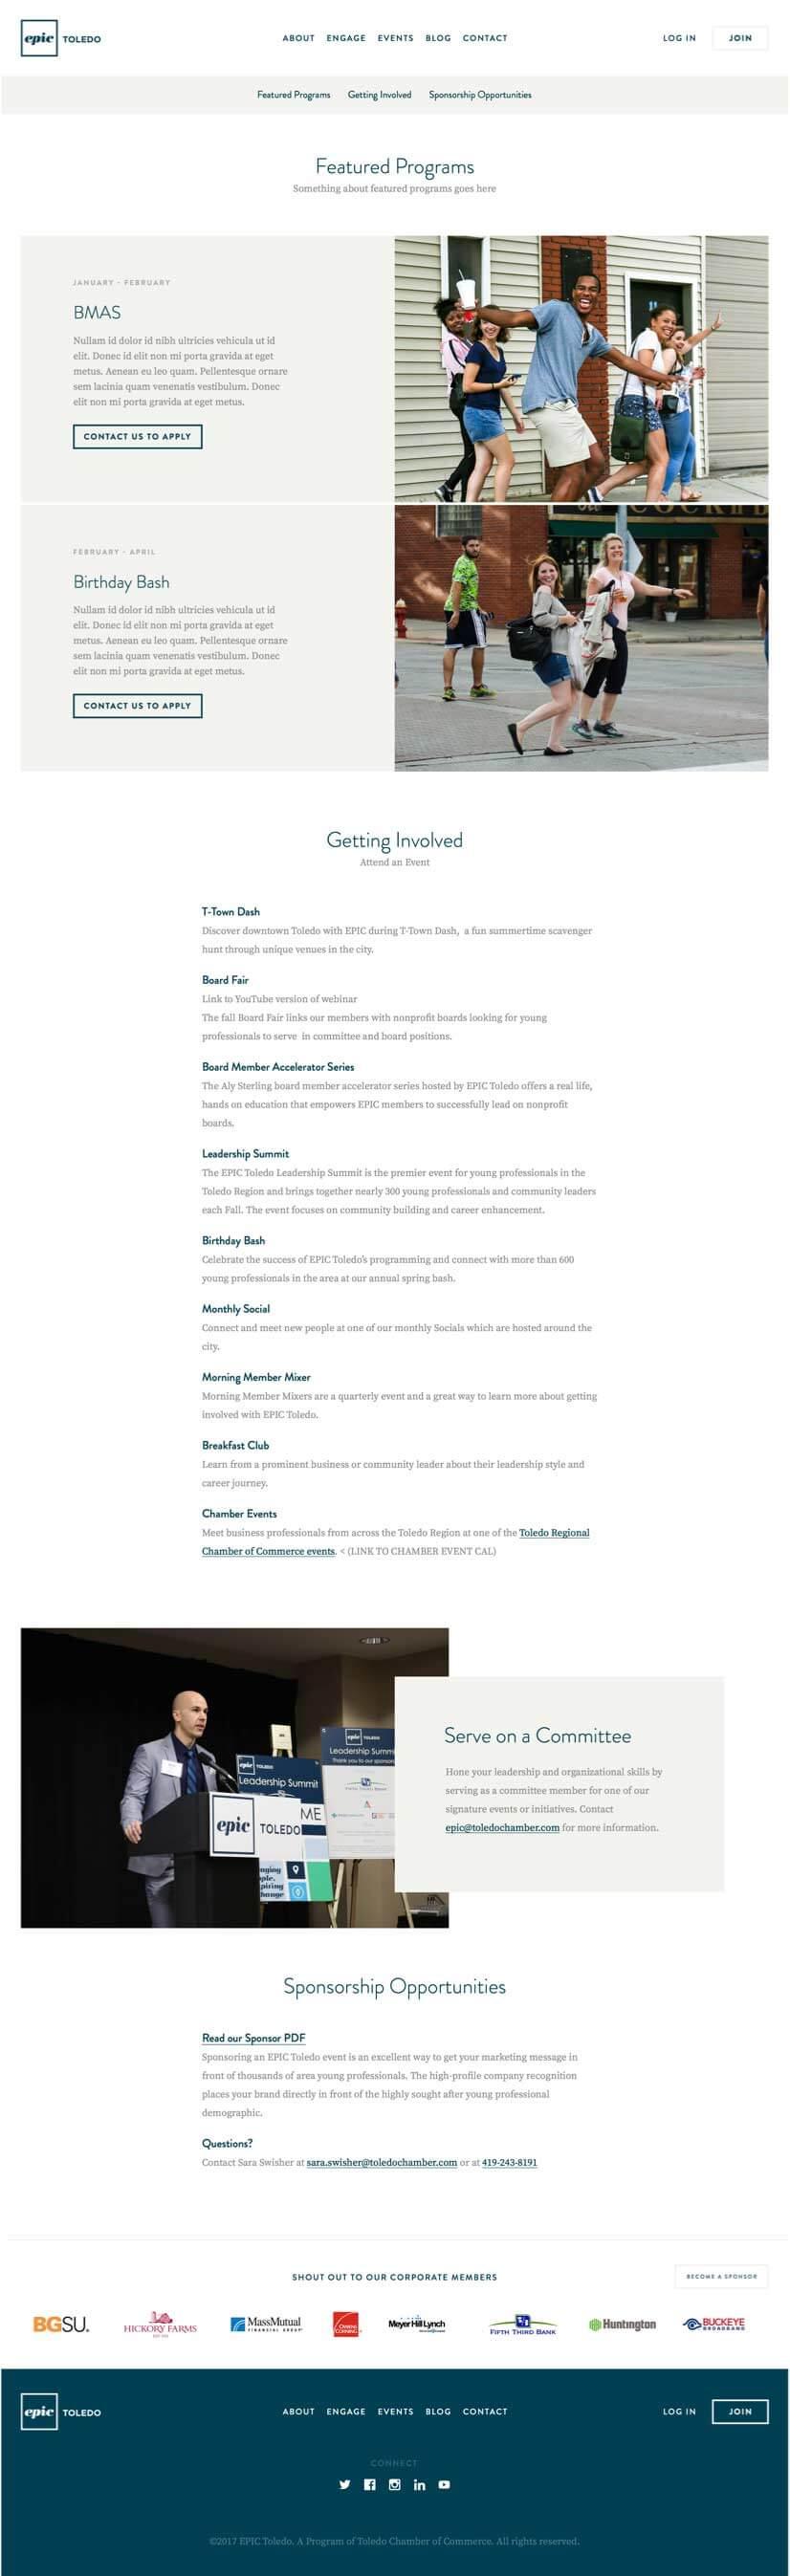 Epic Toledo Engage Page Design Mock-Up